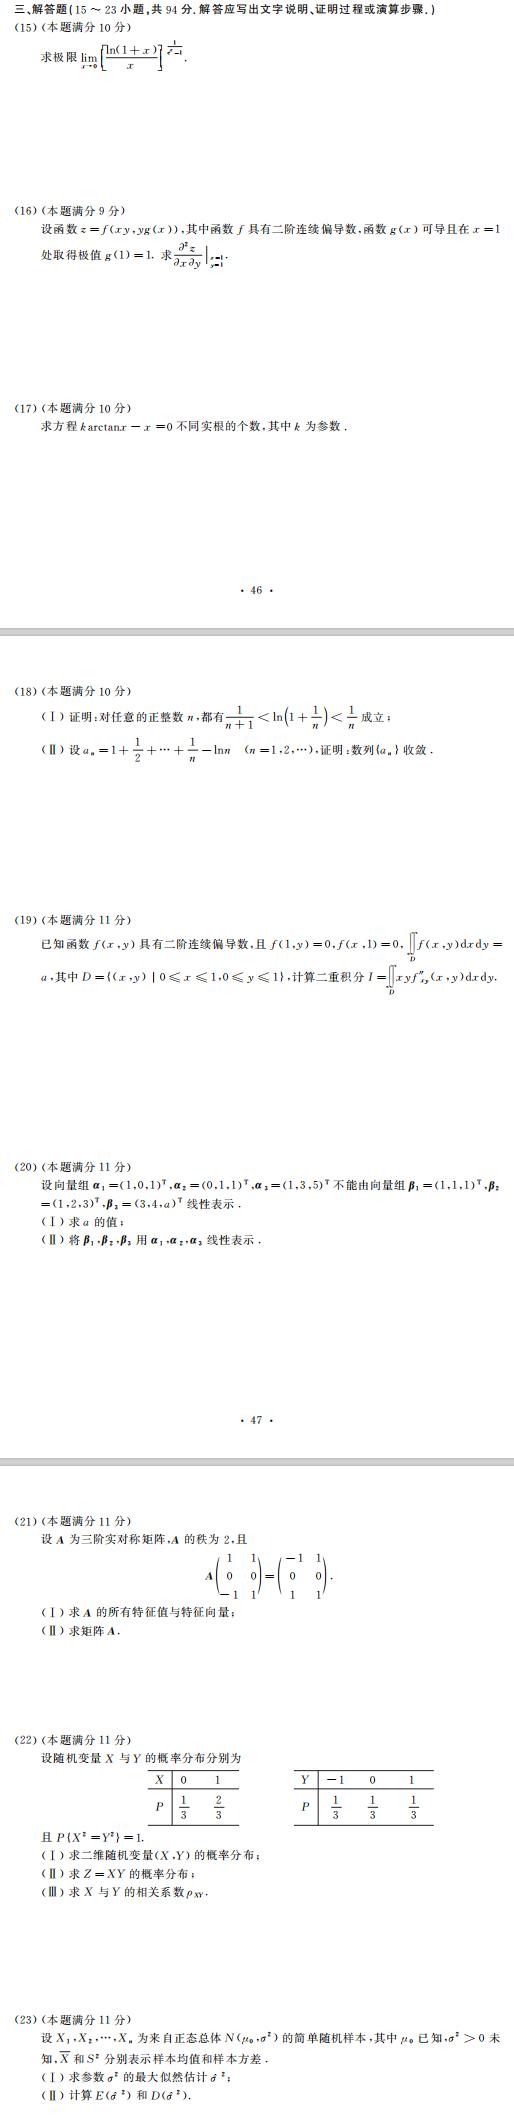 考研数学一真题